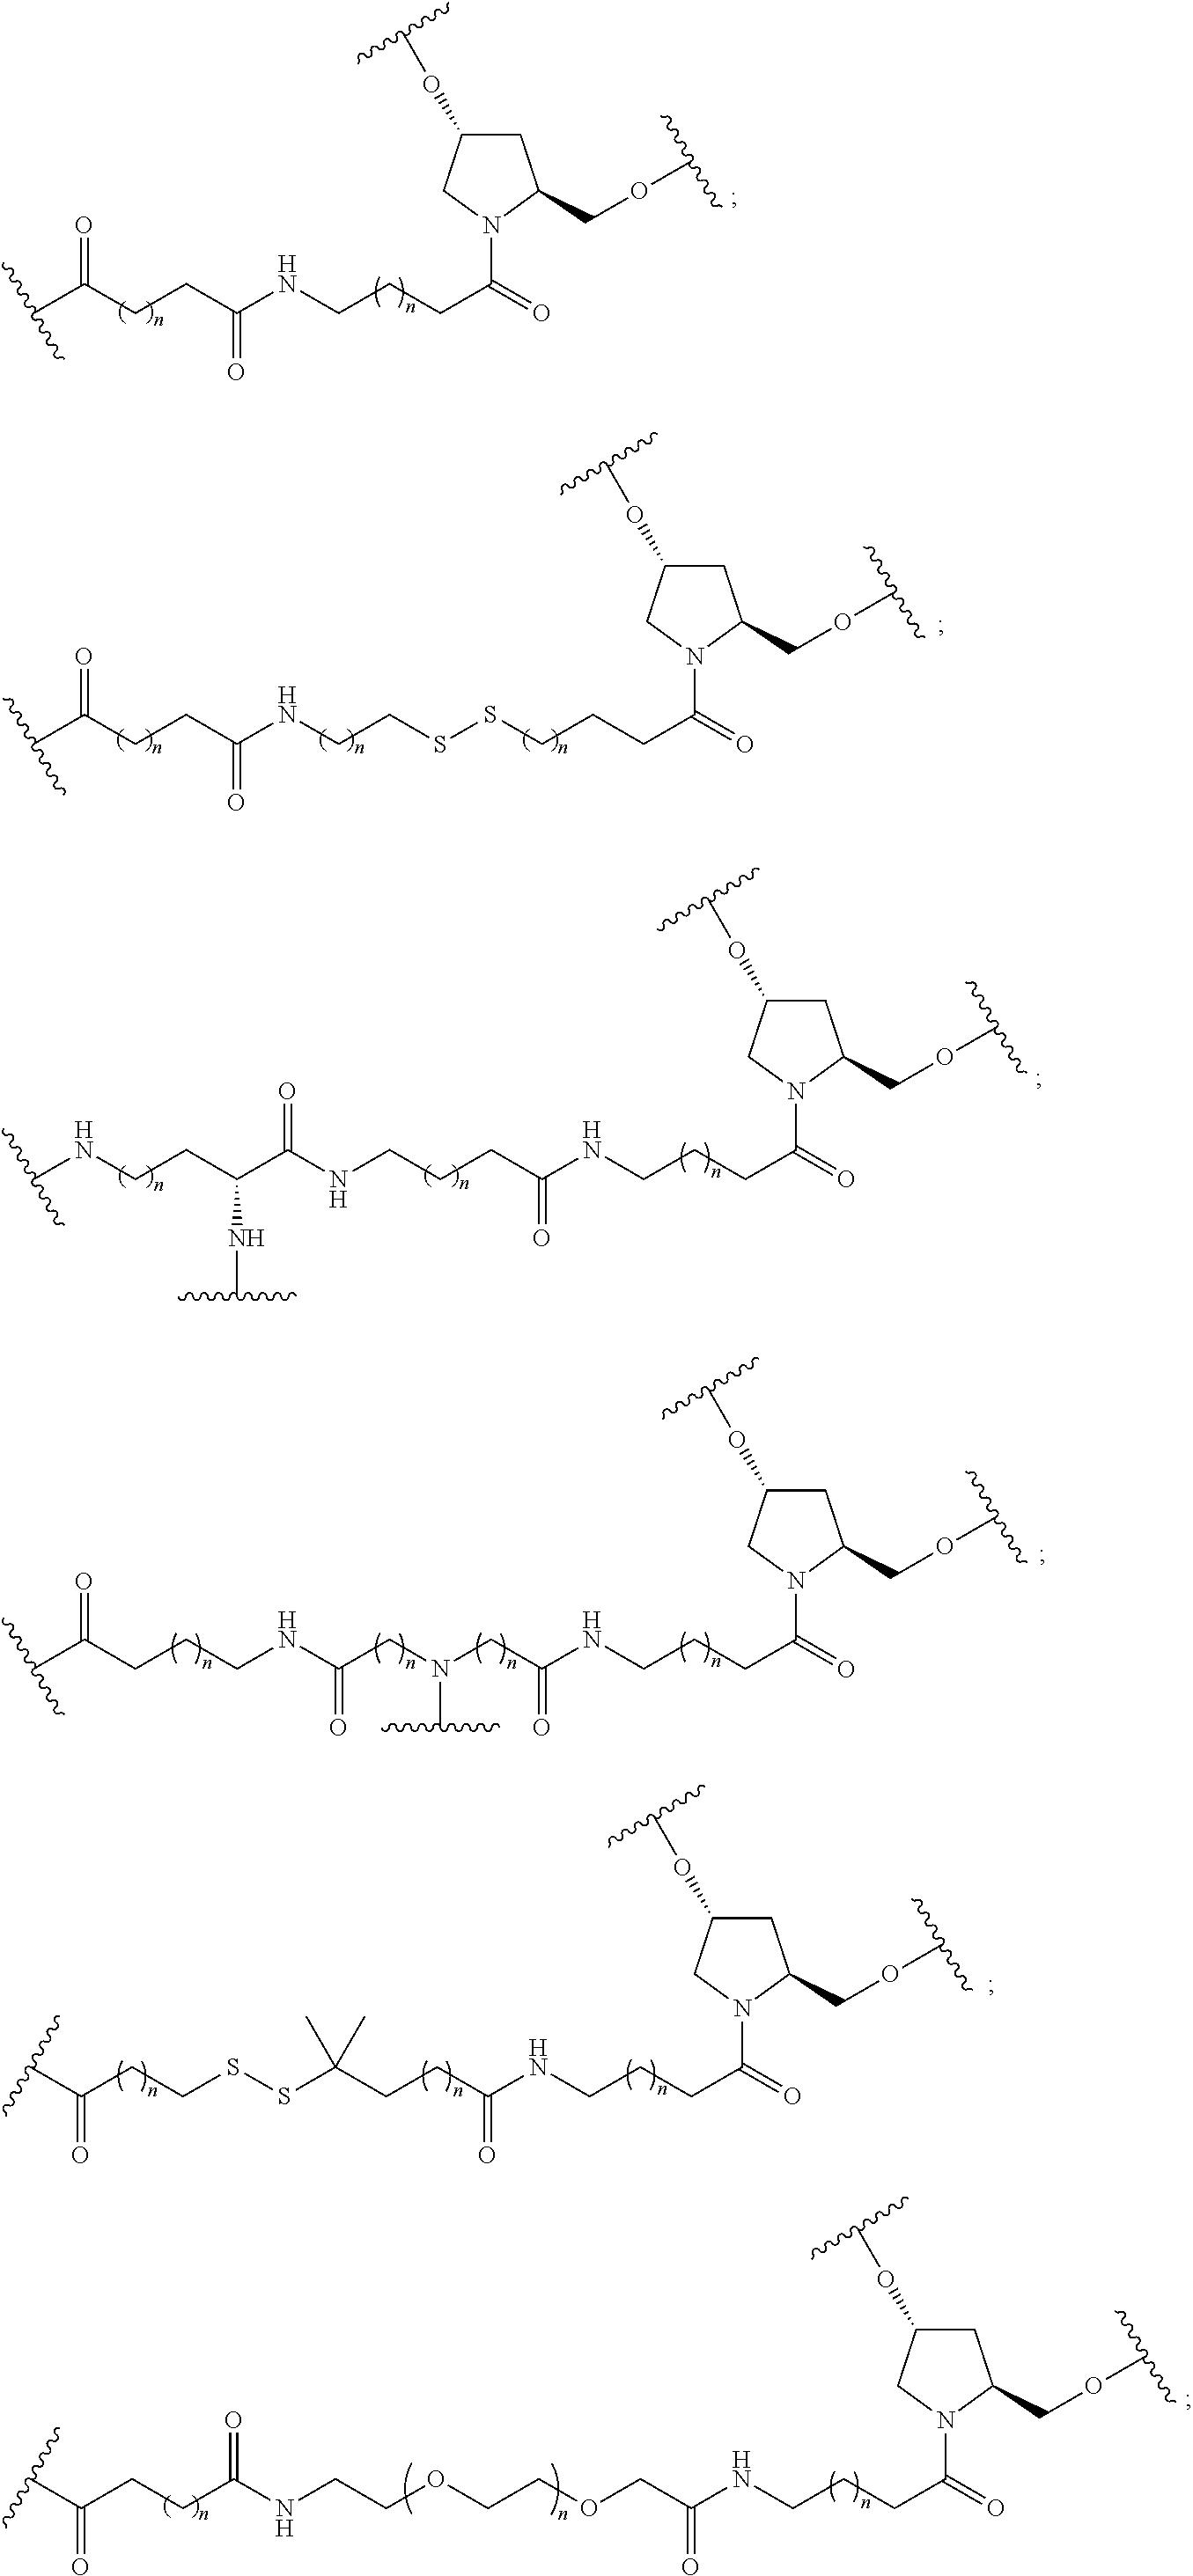 Figure US09932581-20180403-C00046